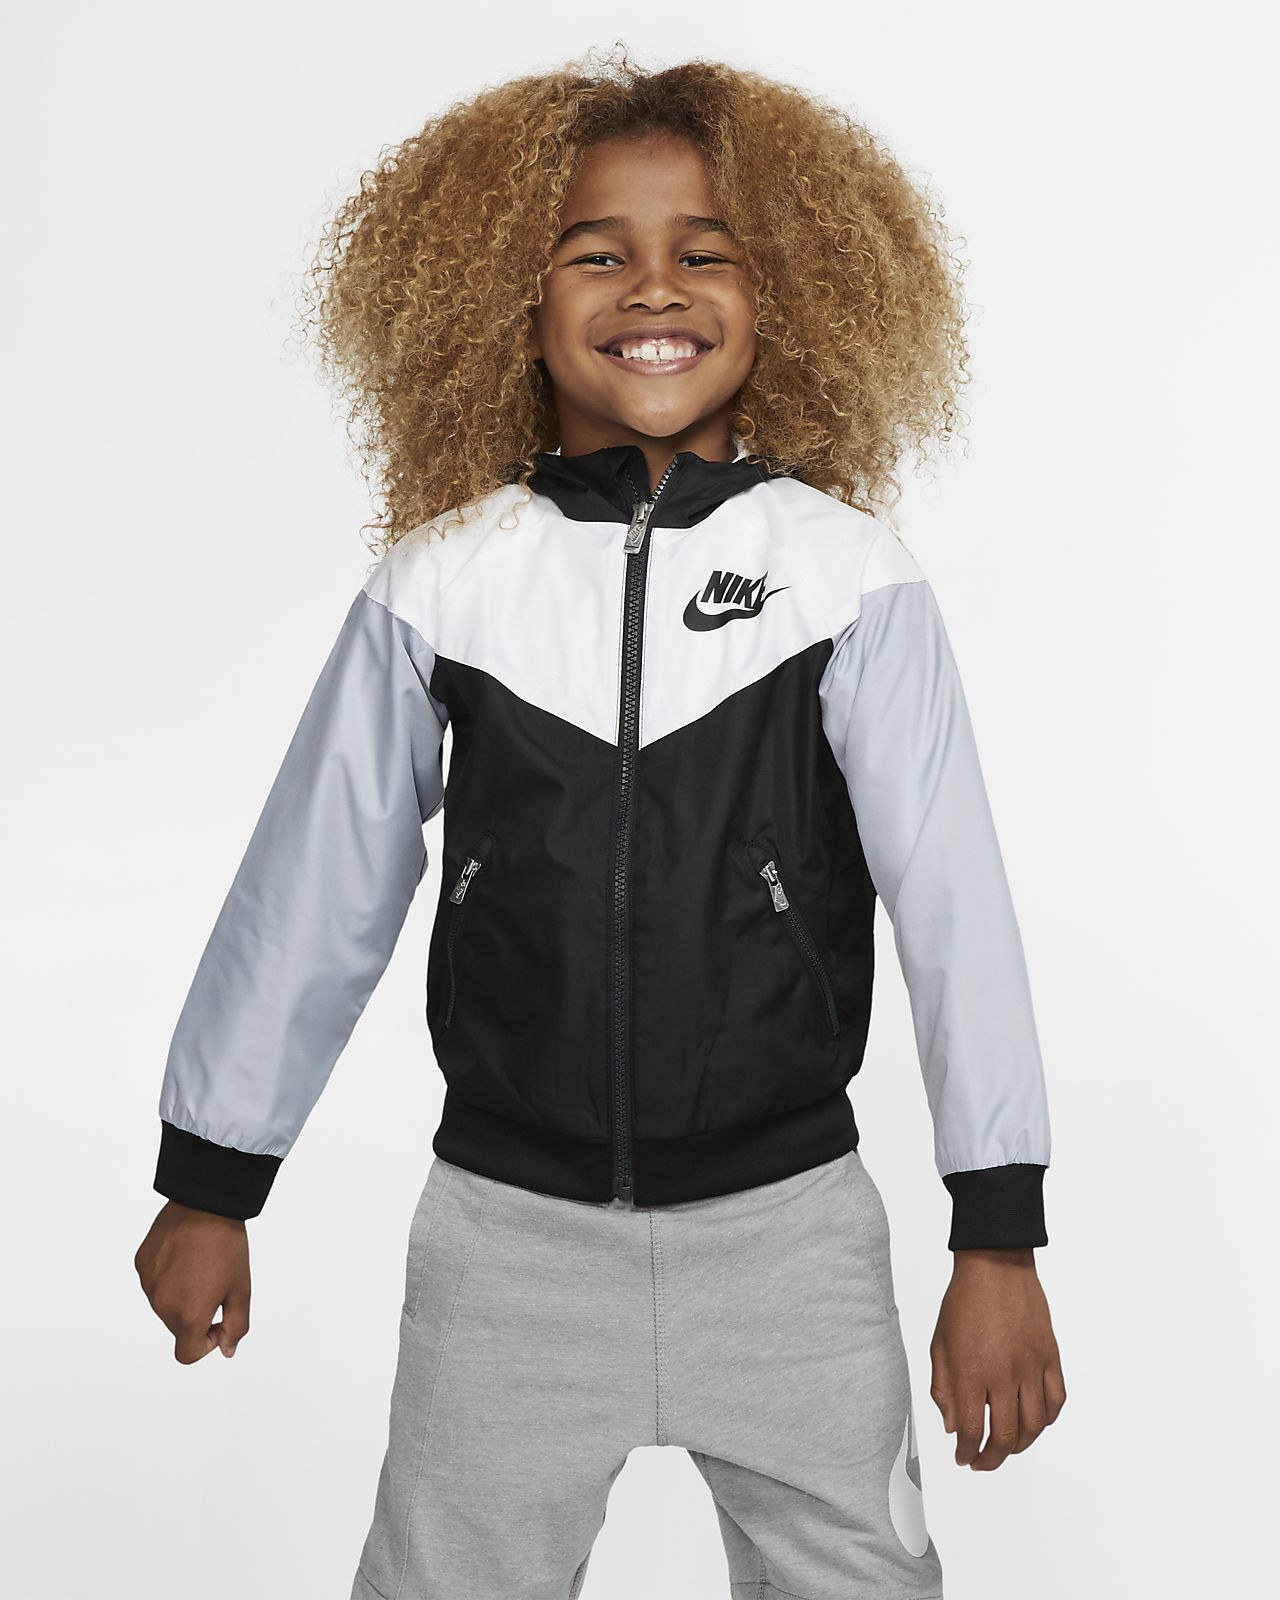 78d21b9eac45 Nike Sportswear Windrunner Little Kids  Jacket. Nike.com